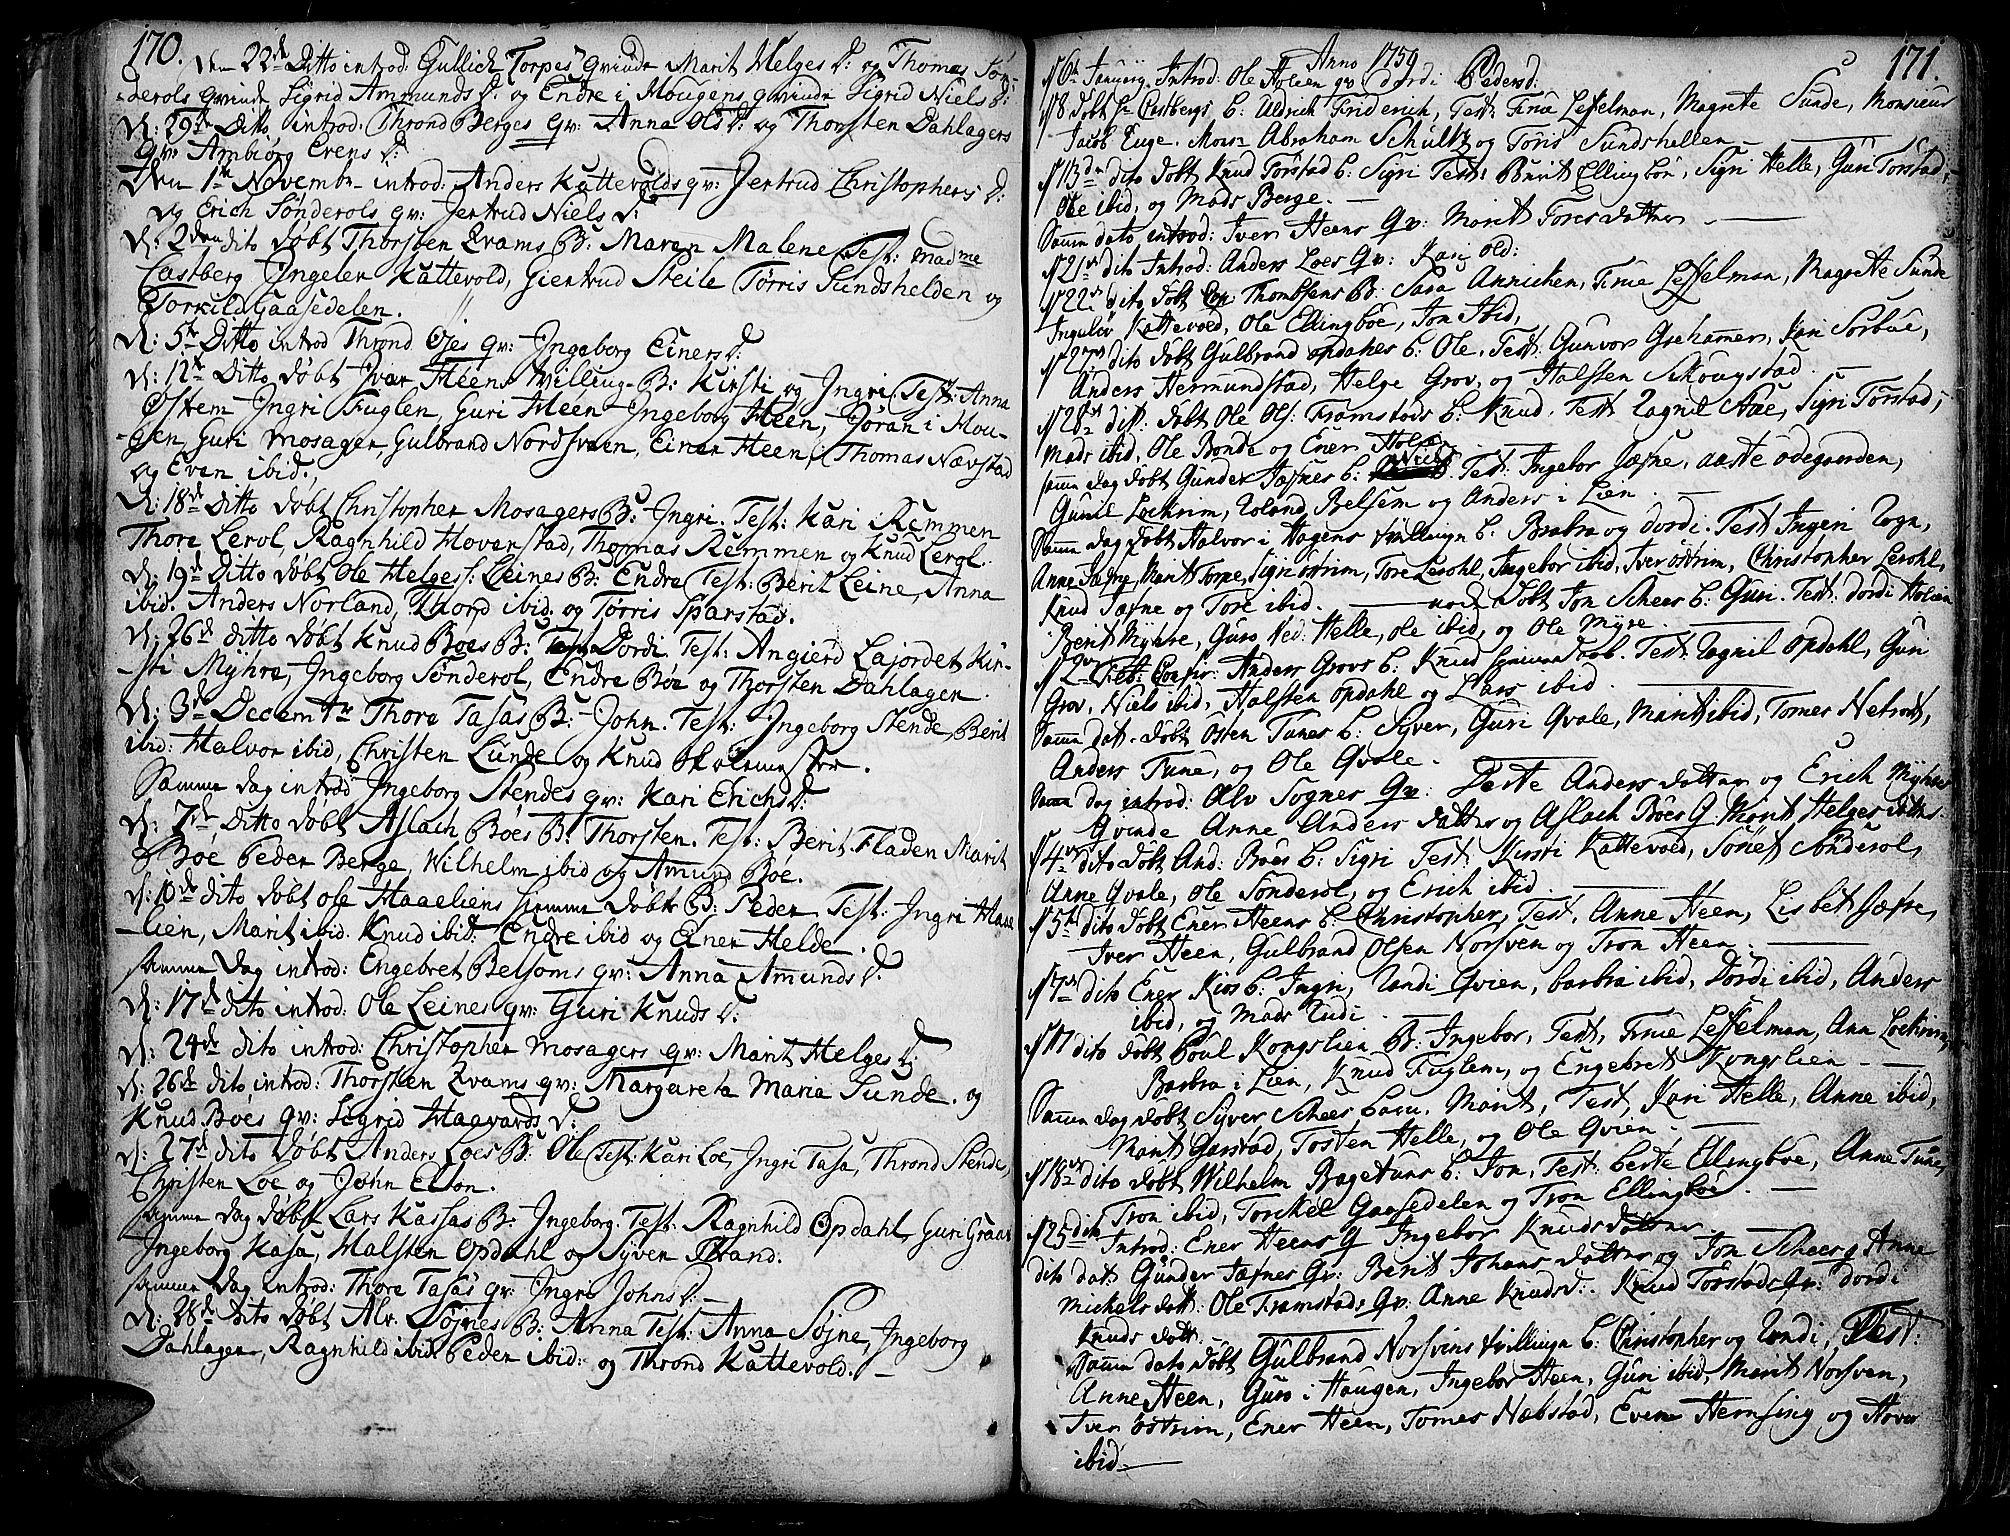 SAH, Vang prestekontor, Valdres, Ministerialbok nr. 1, 1730-1796, s. 170-171